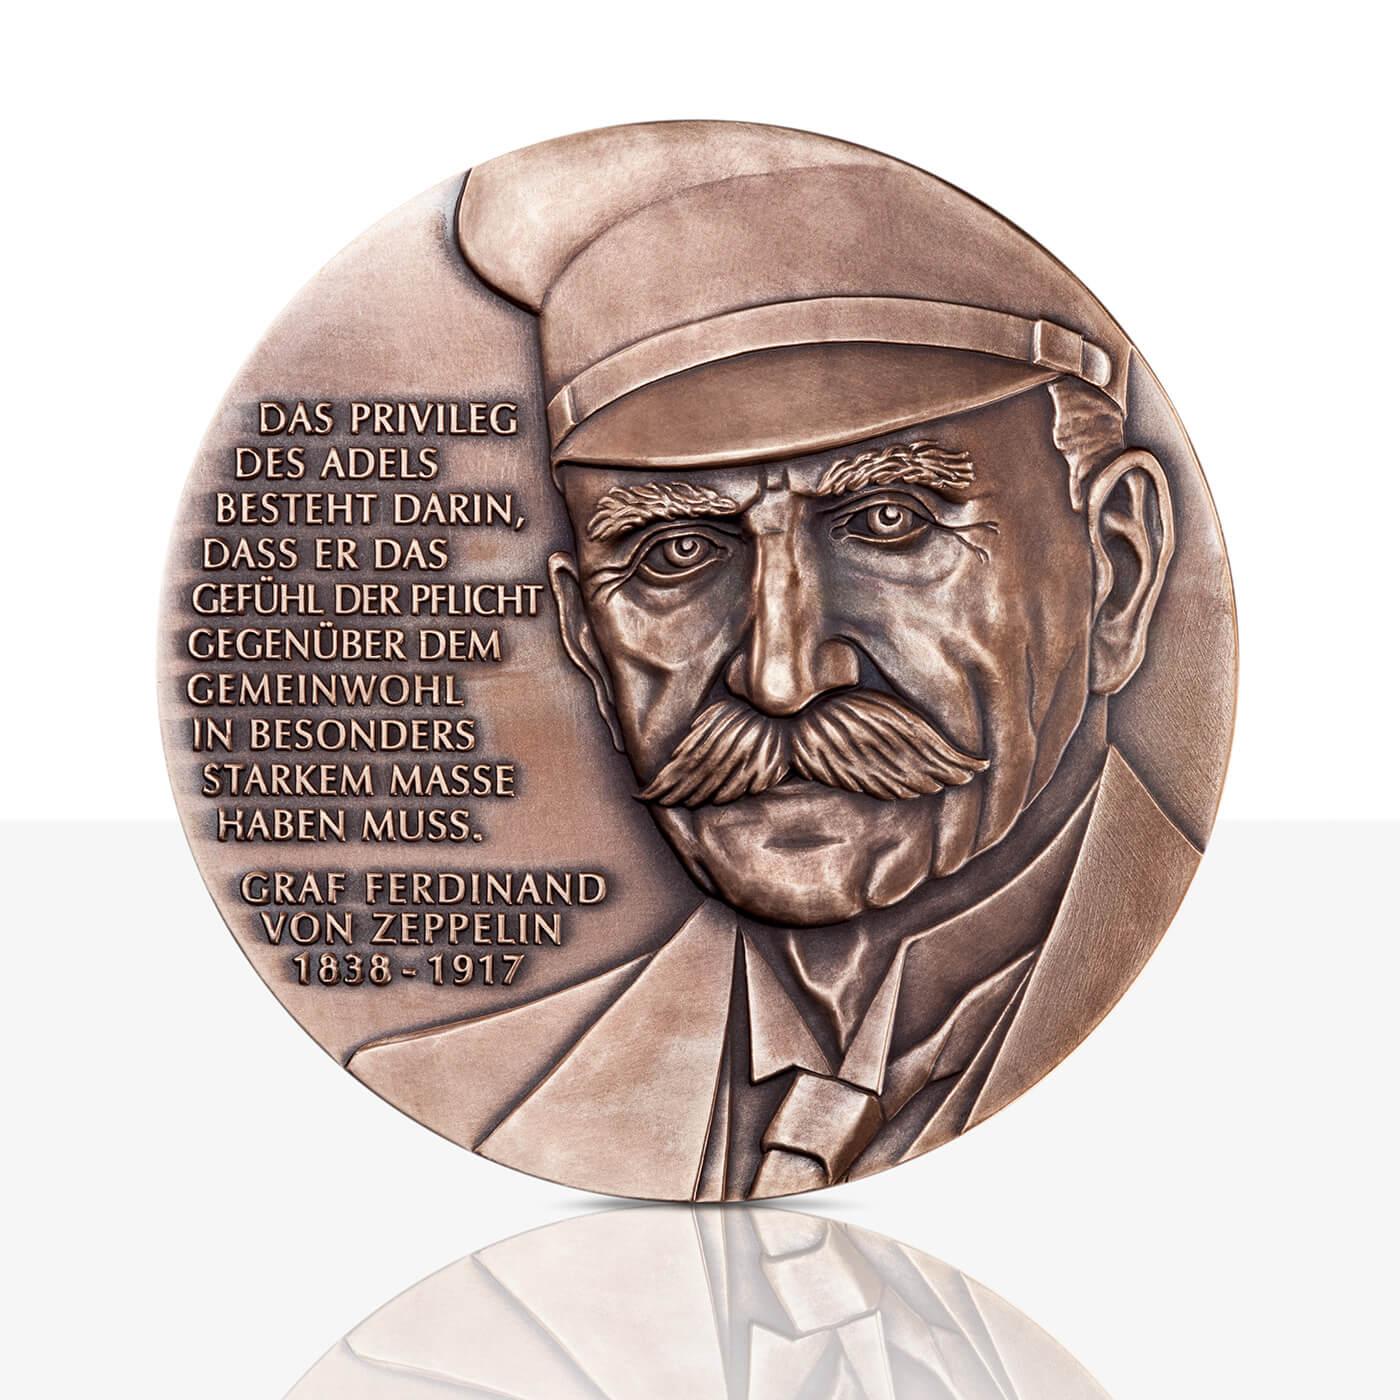 Ferdinand Graf Von Zeppelin Hochrelief Medaille Bronze